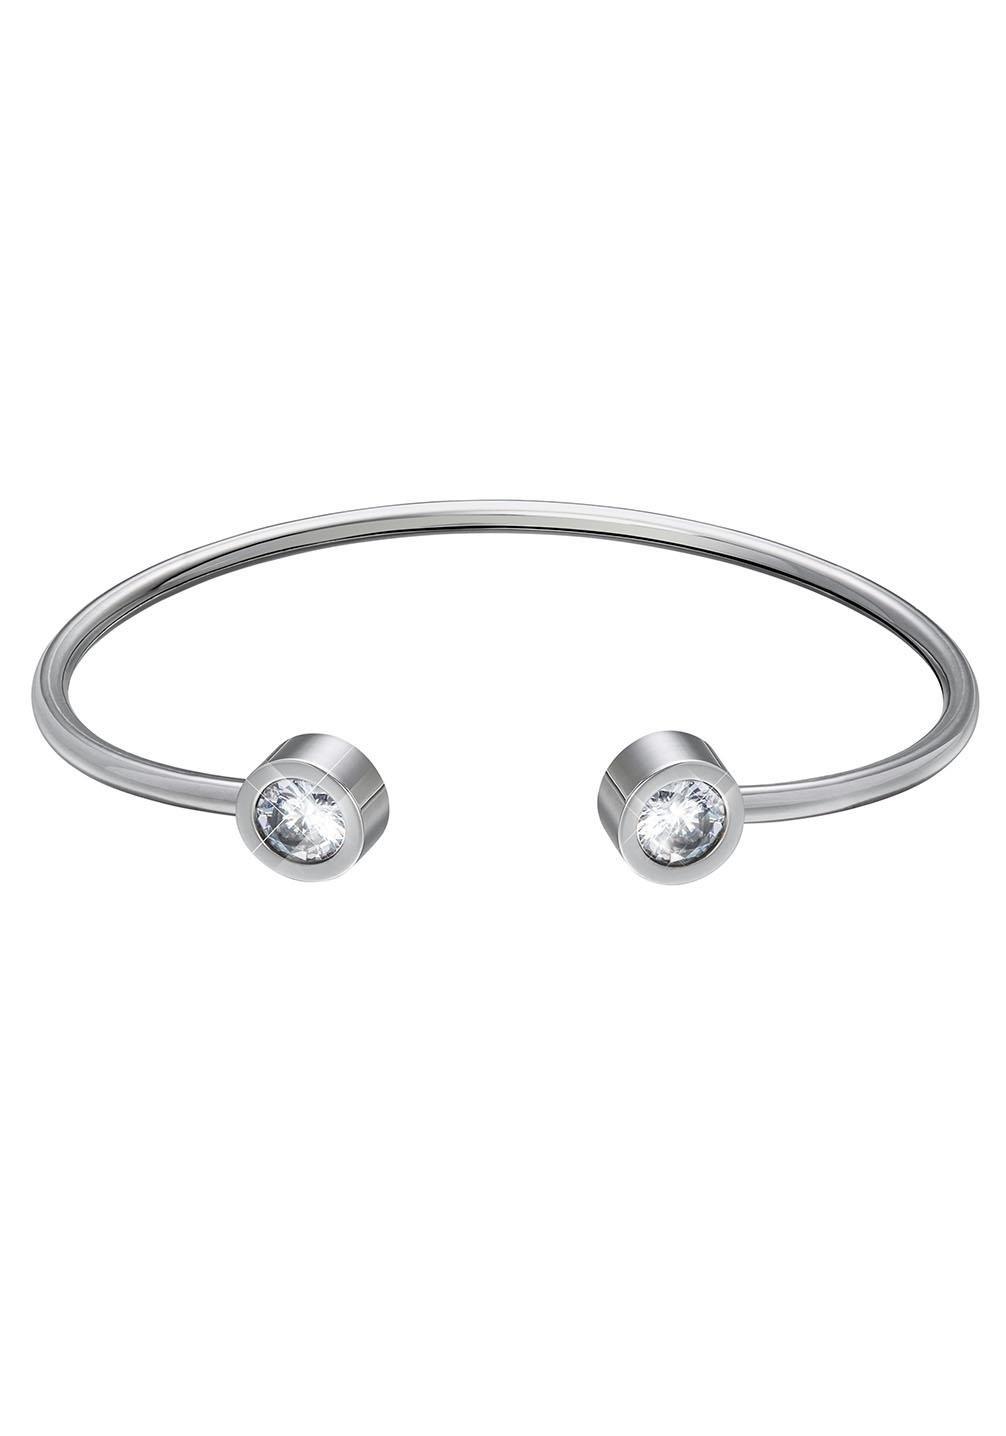 Tamaris klemarmband »Claire steel, TJ009« goedkoop op otto.nl kopen